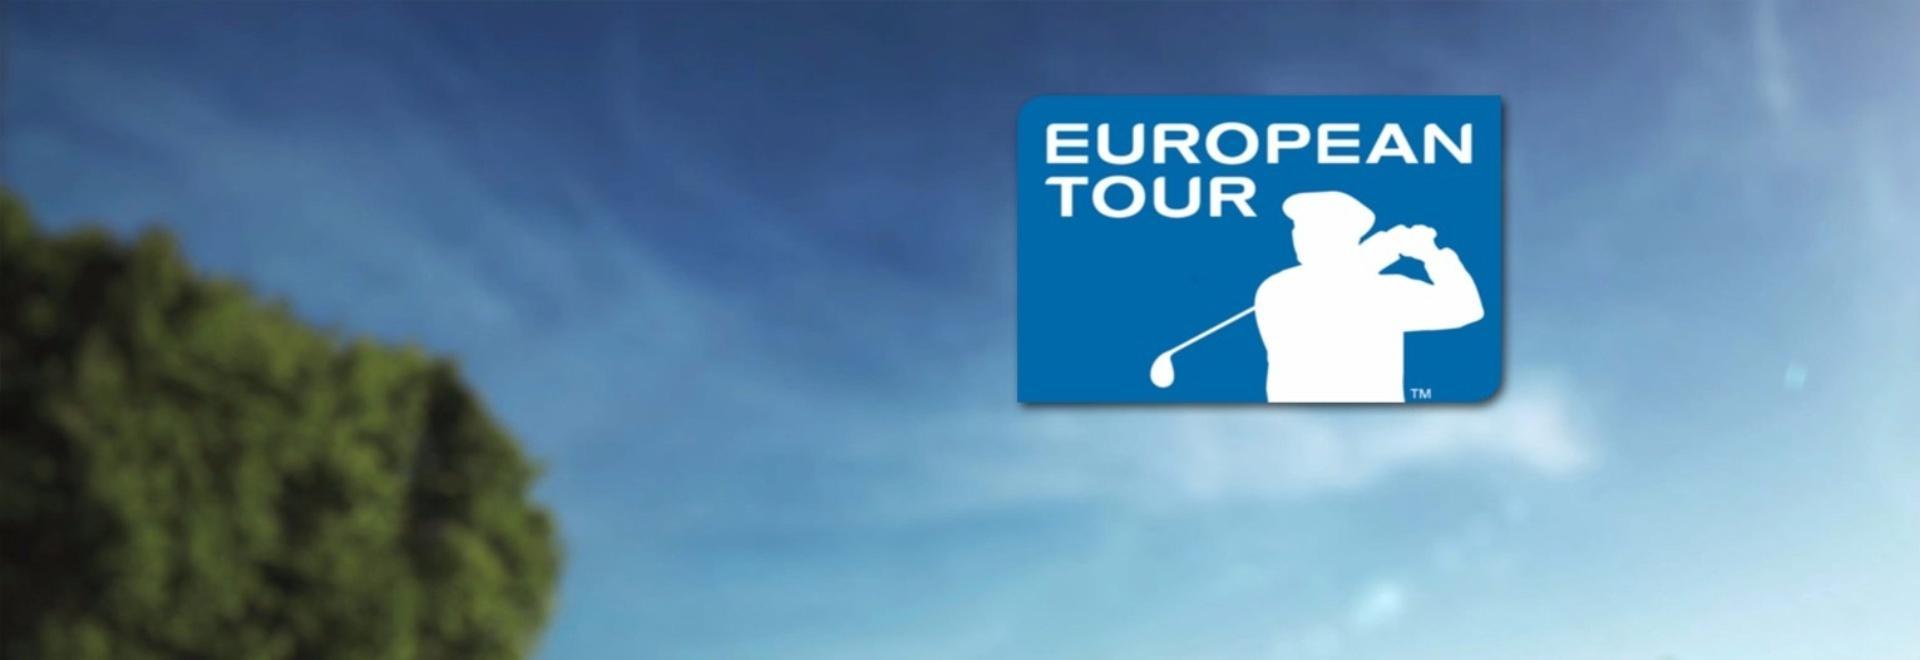 PGA European Tour 2015/16